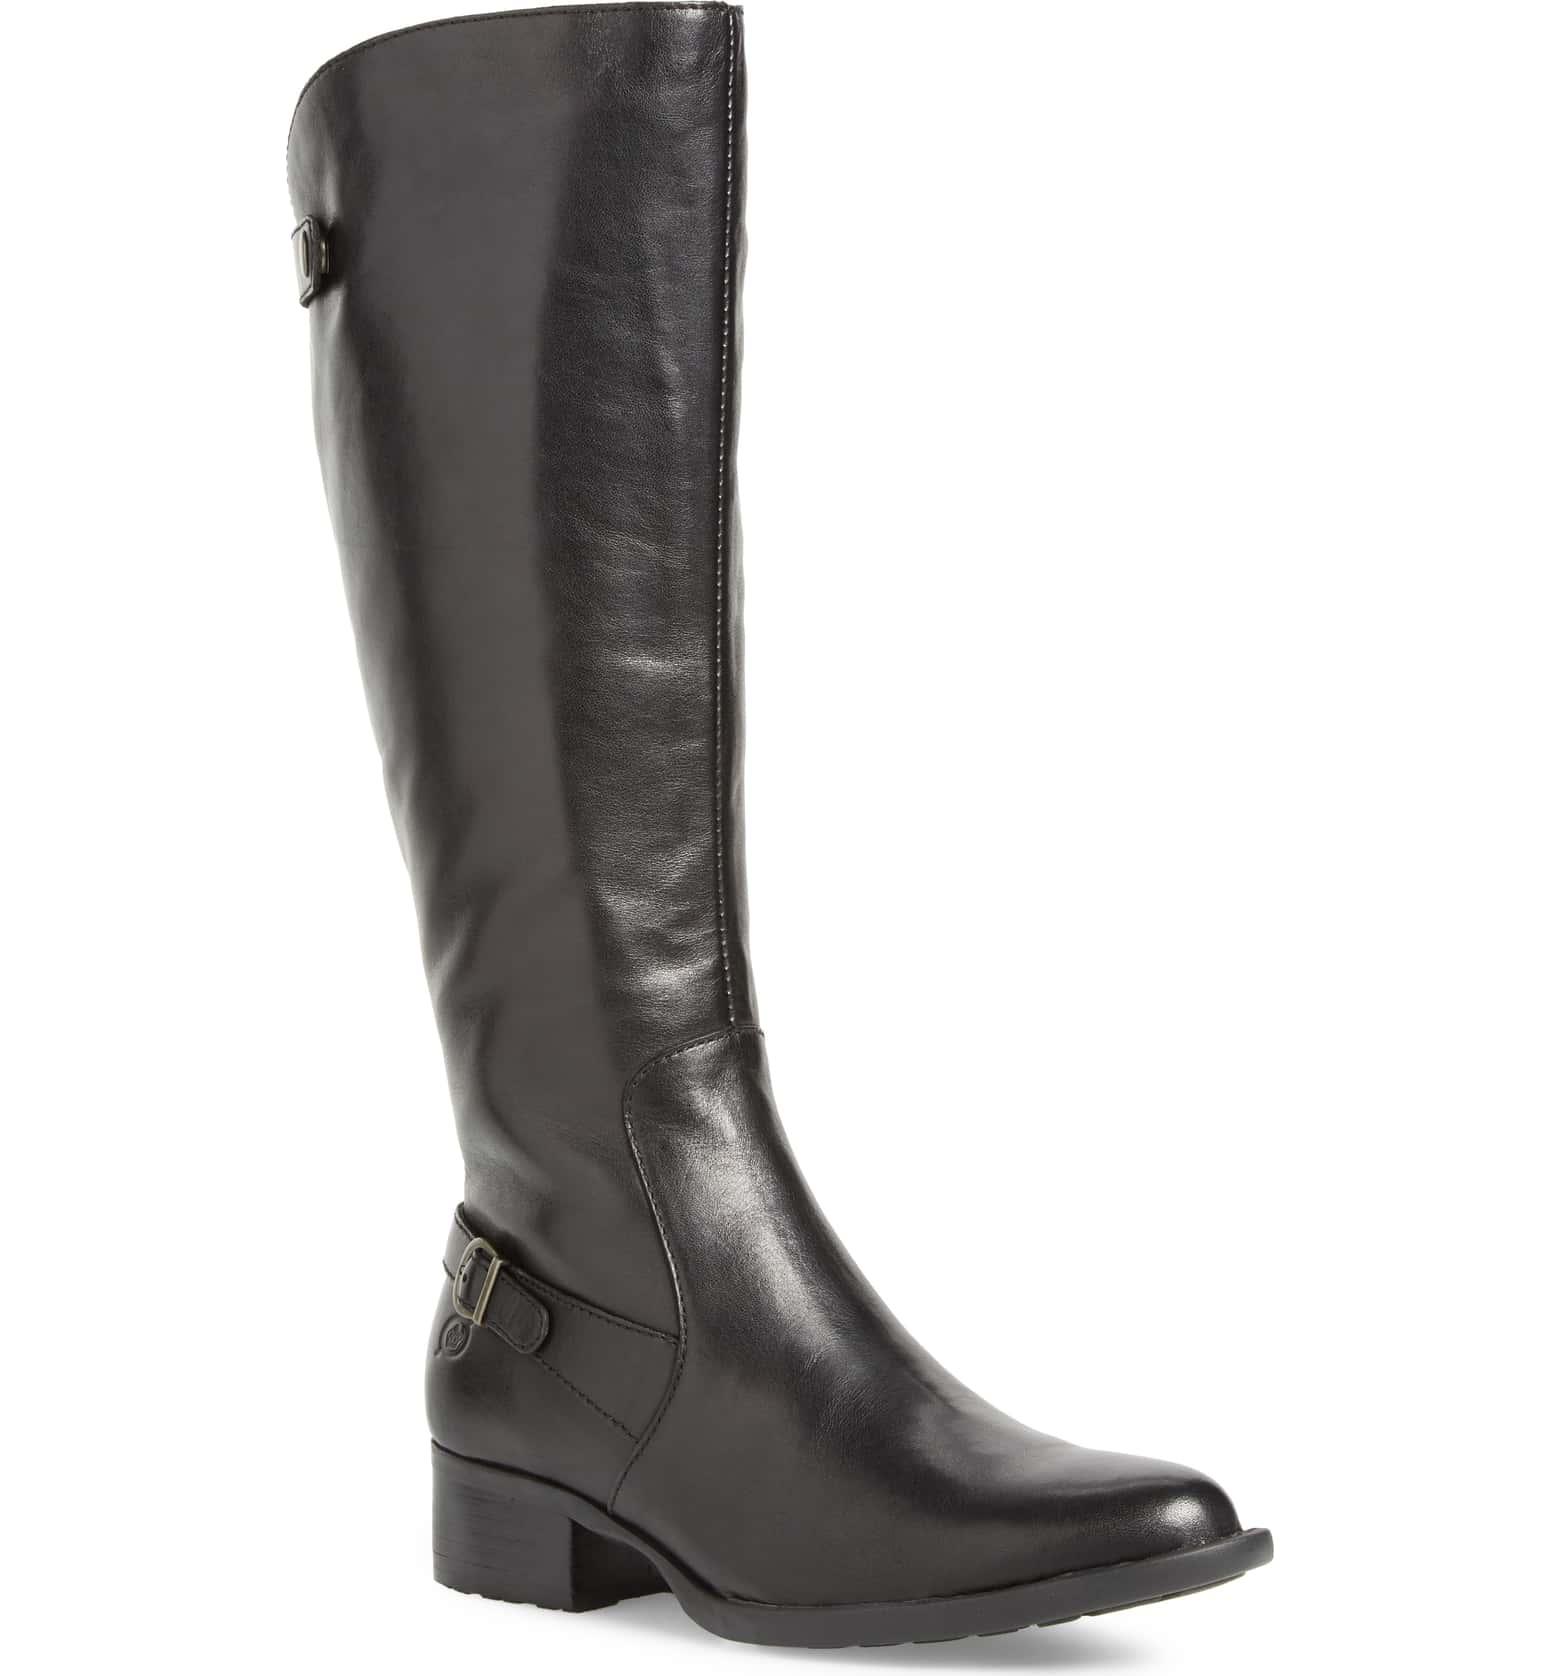 Born Cupra Tall Boots